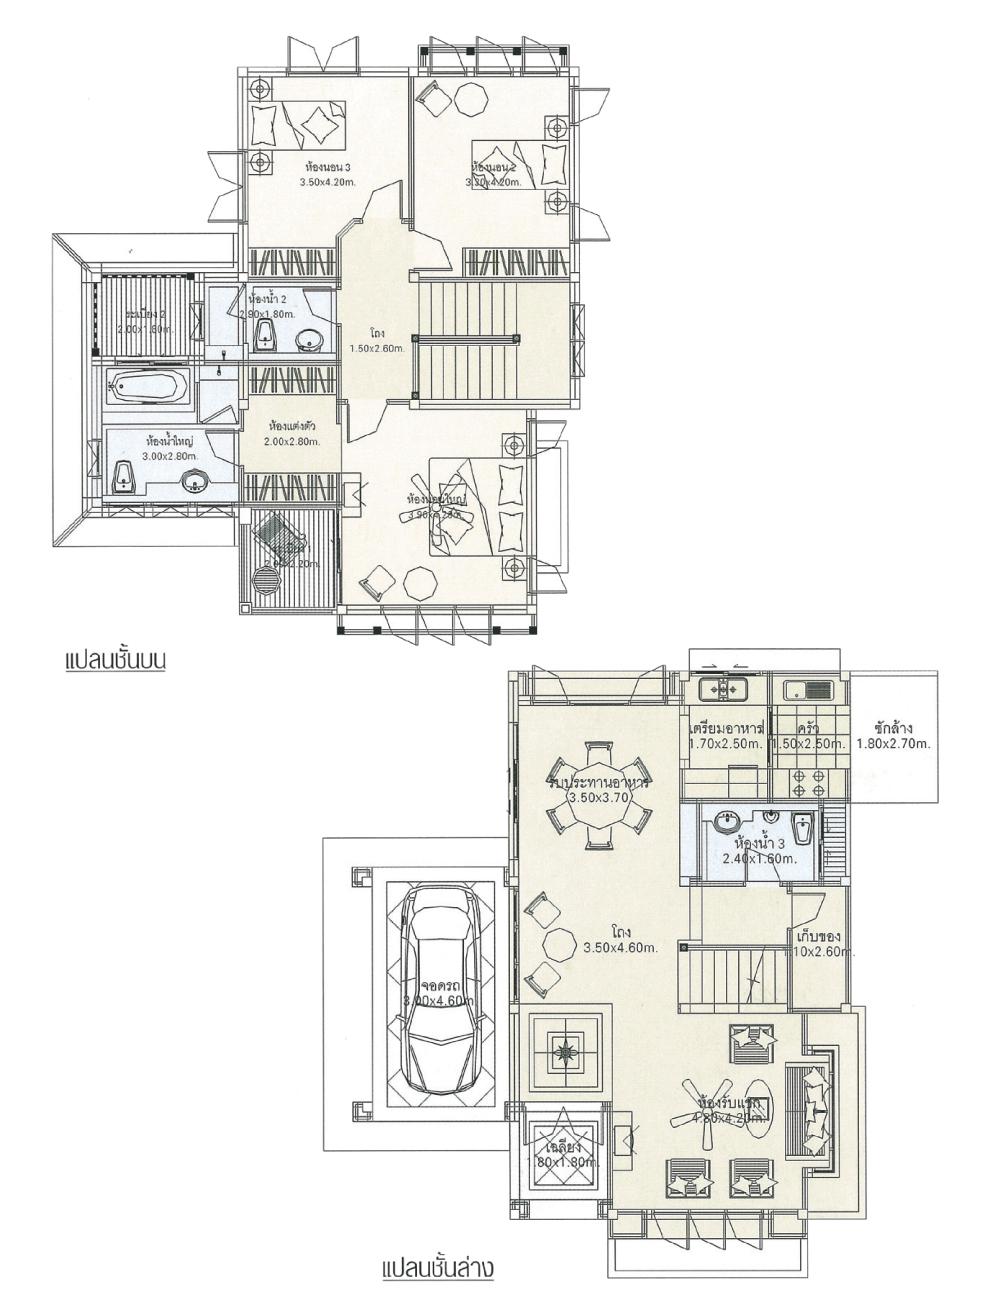 แบบบ้านสองชั้น 3 ห้องนอน 3 ห้องน้ำ 194 ตร.ม ราคา 1.94ล้าน (ราชาวดี)